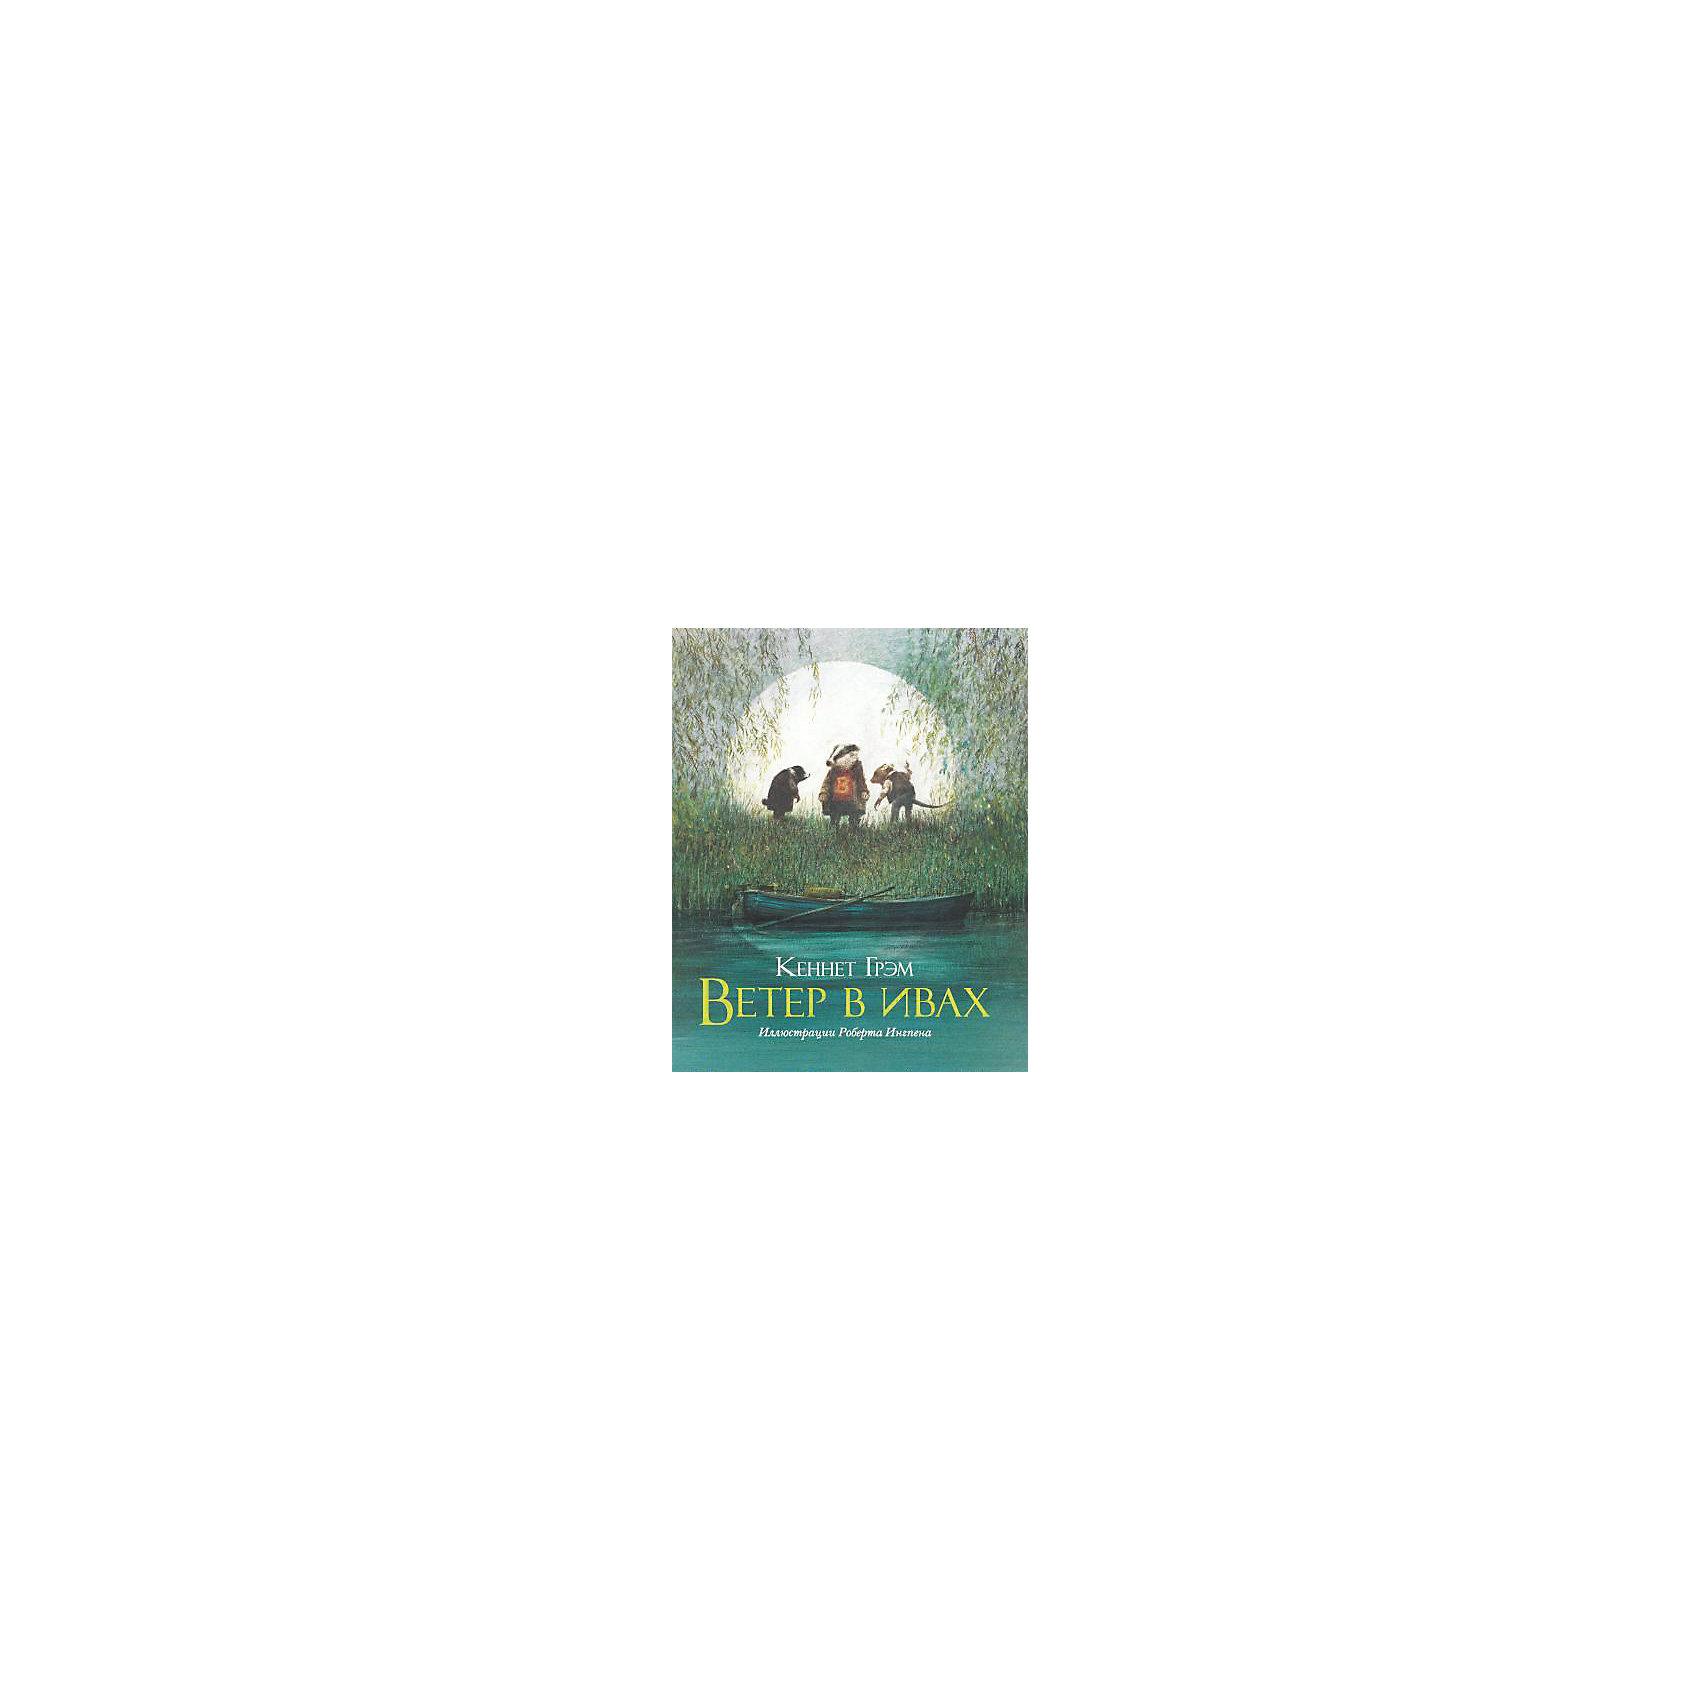 Ветер в ивах, Кеннет Грэм (ил. Р. Ингпен)Сказки<br>Знаменитая сказка английского писателя Кеннета Грэма «Ветер в ивах» обрела в этом издании новую жизнь благодаря великолепным иллюстрациям австралийского художника Роберта Ингпена. Он получил всемирную известность как автор и иллюстратор более сотни различных книг. В 1986 году Р. Ингпен был удостоен Международной премии имени Х. К. Андерсена за вклад в детскую литературу. В последнее время Р. Ингпен<br>проиллюстрировал такие произведения классической литературы, как «Остров Сокровищ», «Книга джунглей», «Алиса в Стране чудес», «Приключения Тома Сойера», «Питер Пэн», которые уже выпустило издательство «Махаон».<br><br>Ширина мм: 235<br>Глубина мм: 195<br>Высота мм: 22<br>Вес г: 751<br>Возраст от месяцев: 132<br>Возраст до месяцев: 168<br>Пол: Унисекс<br>Возраст: Детский<br>SKU: 4818102